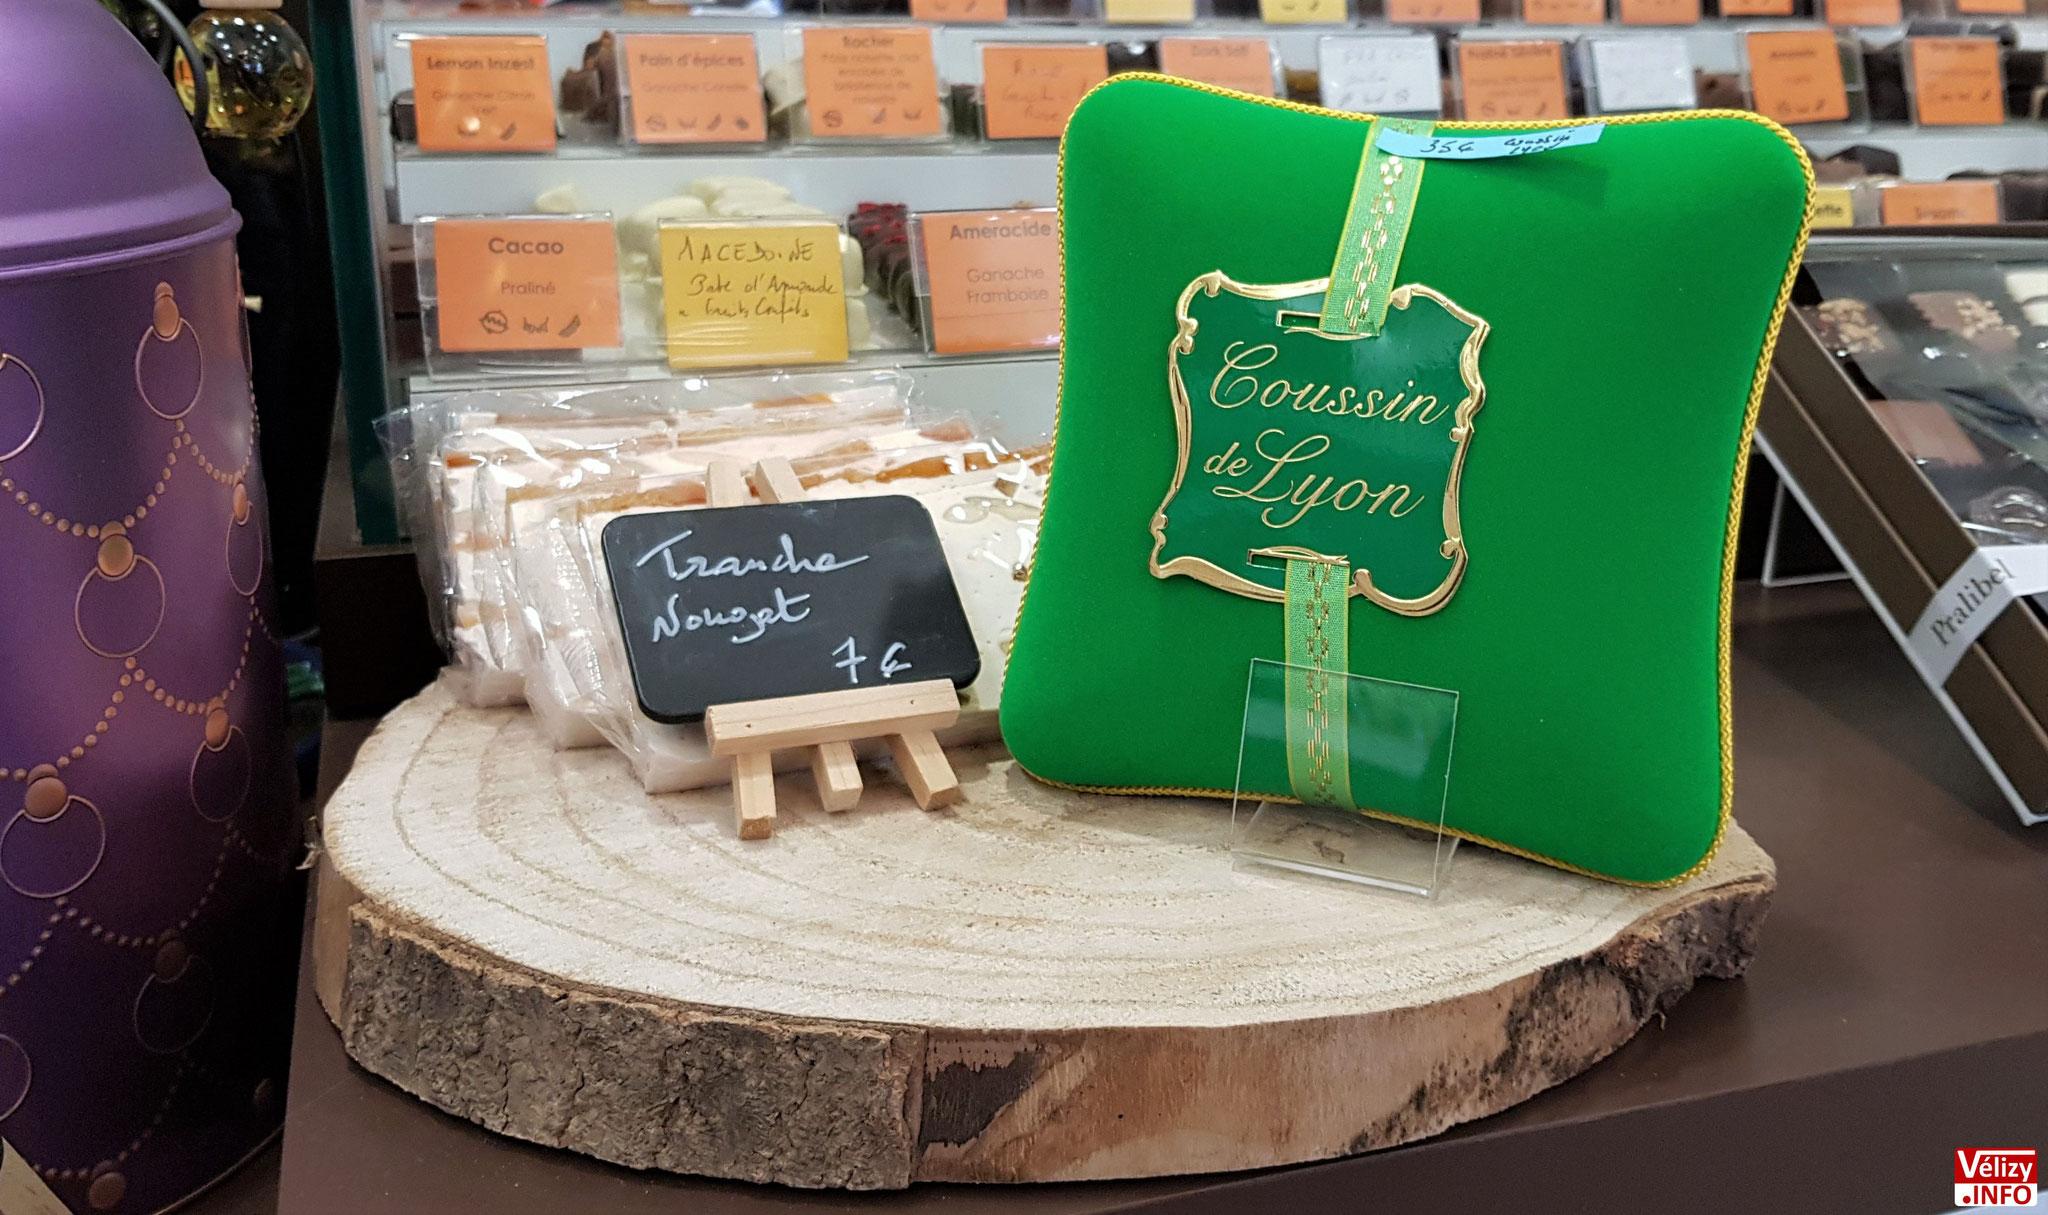 « Coussin de Lyon » - Boutique Choko'bel à Vélizy-Villacoublay.